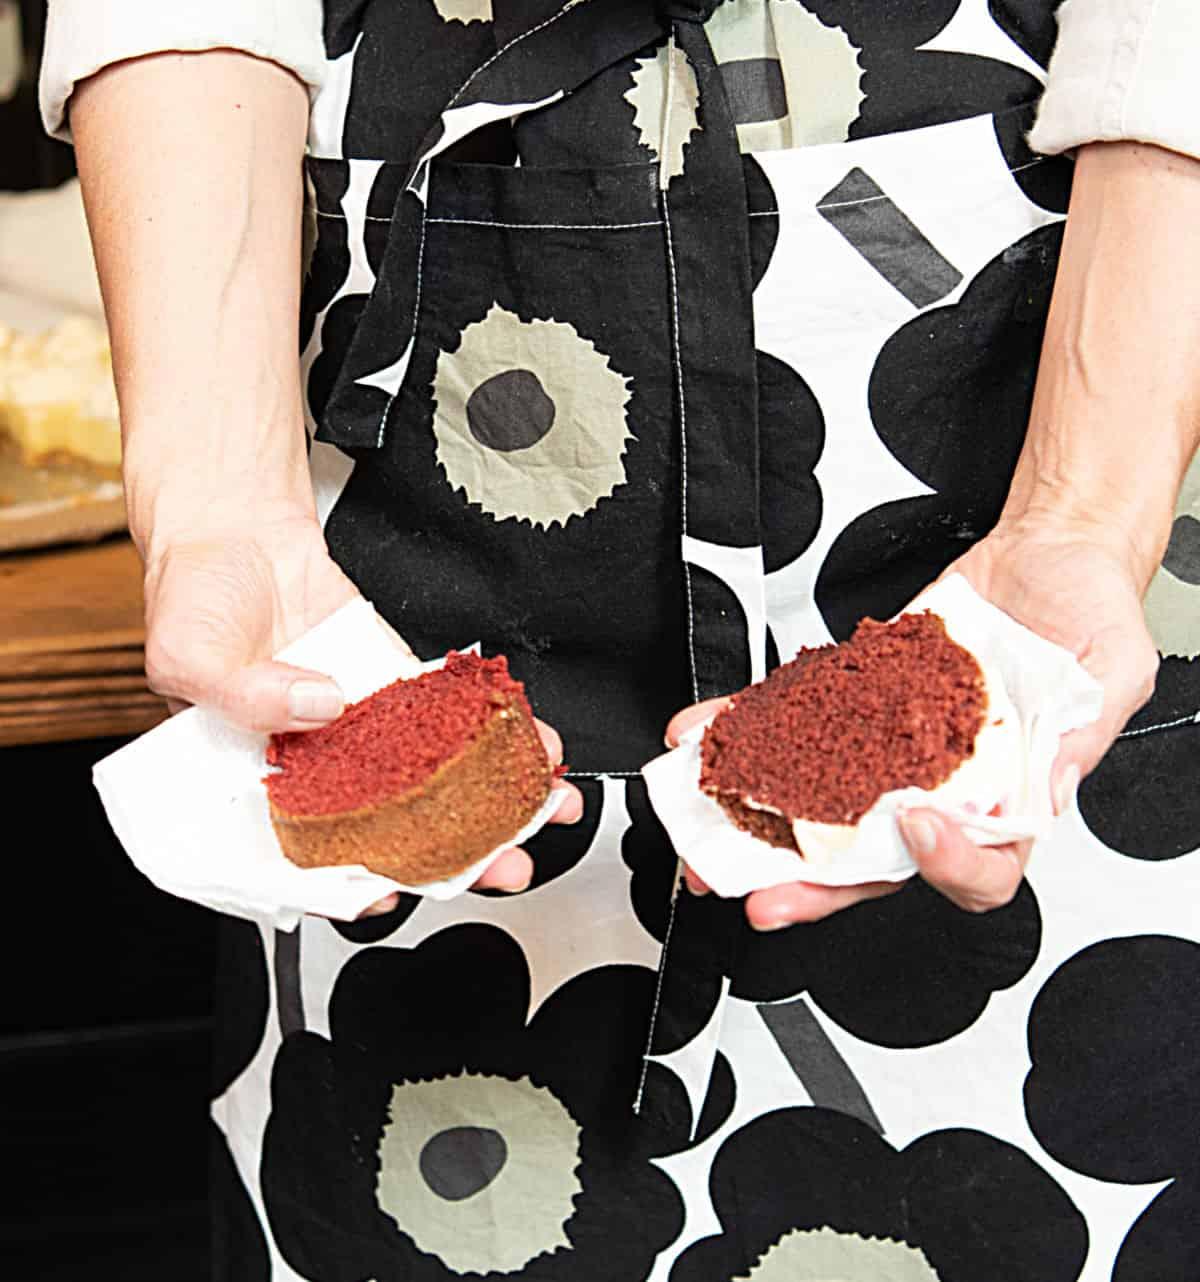 Holding slices of red velvet cake, one in each hand, dark flowered apron